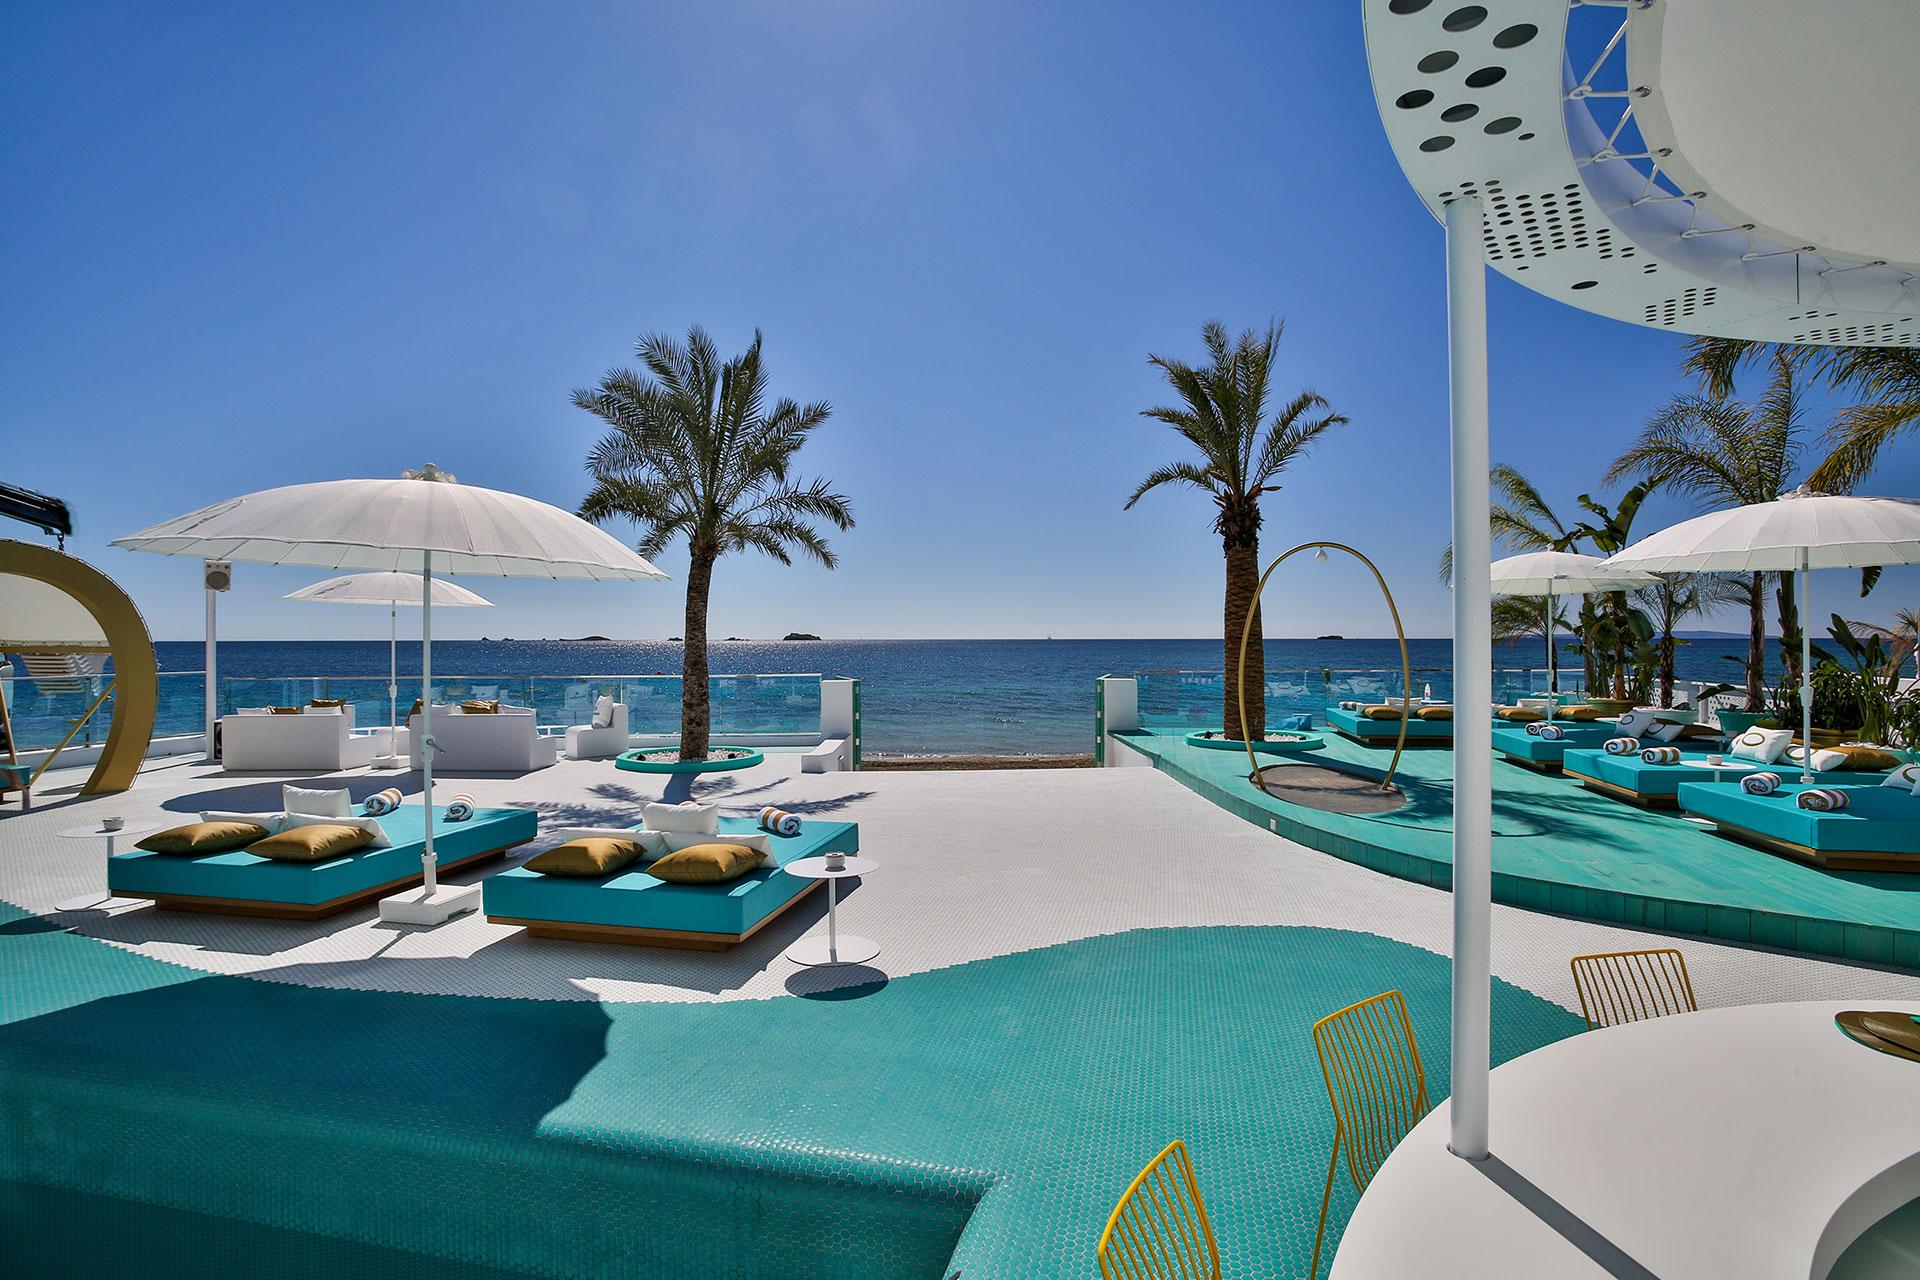 La importancia del dise o en los hoteles para - Hoteles de diseno espana ...